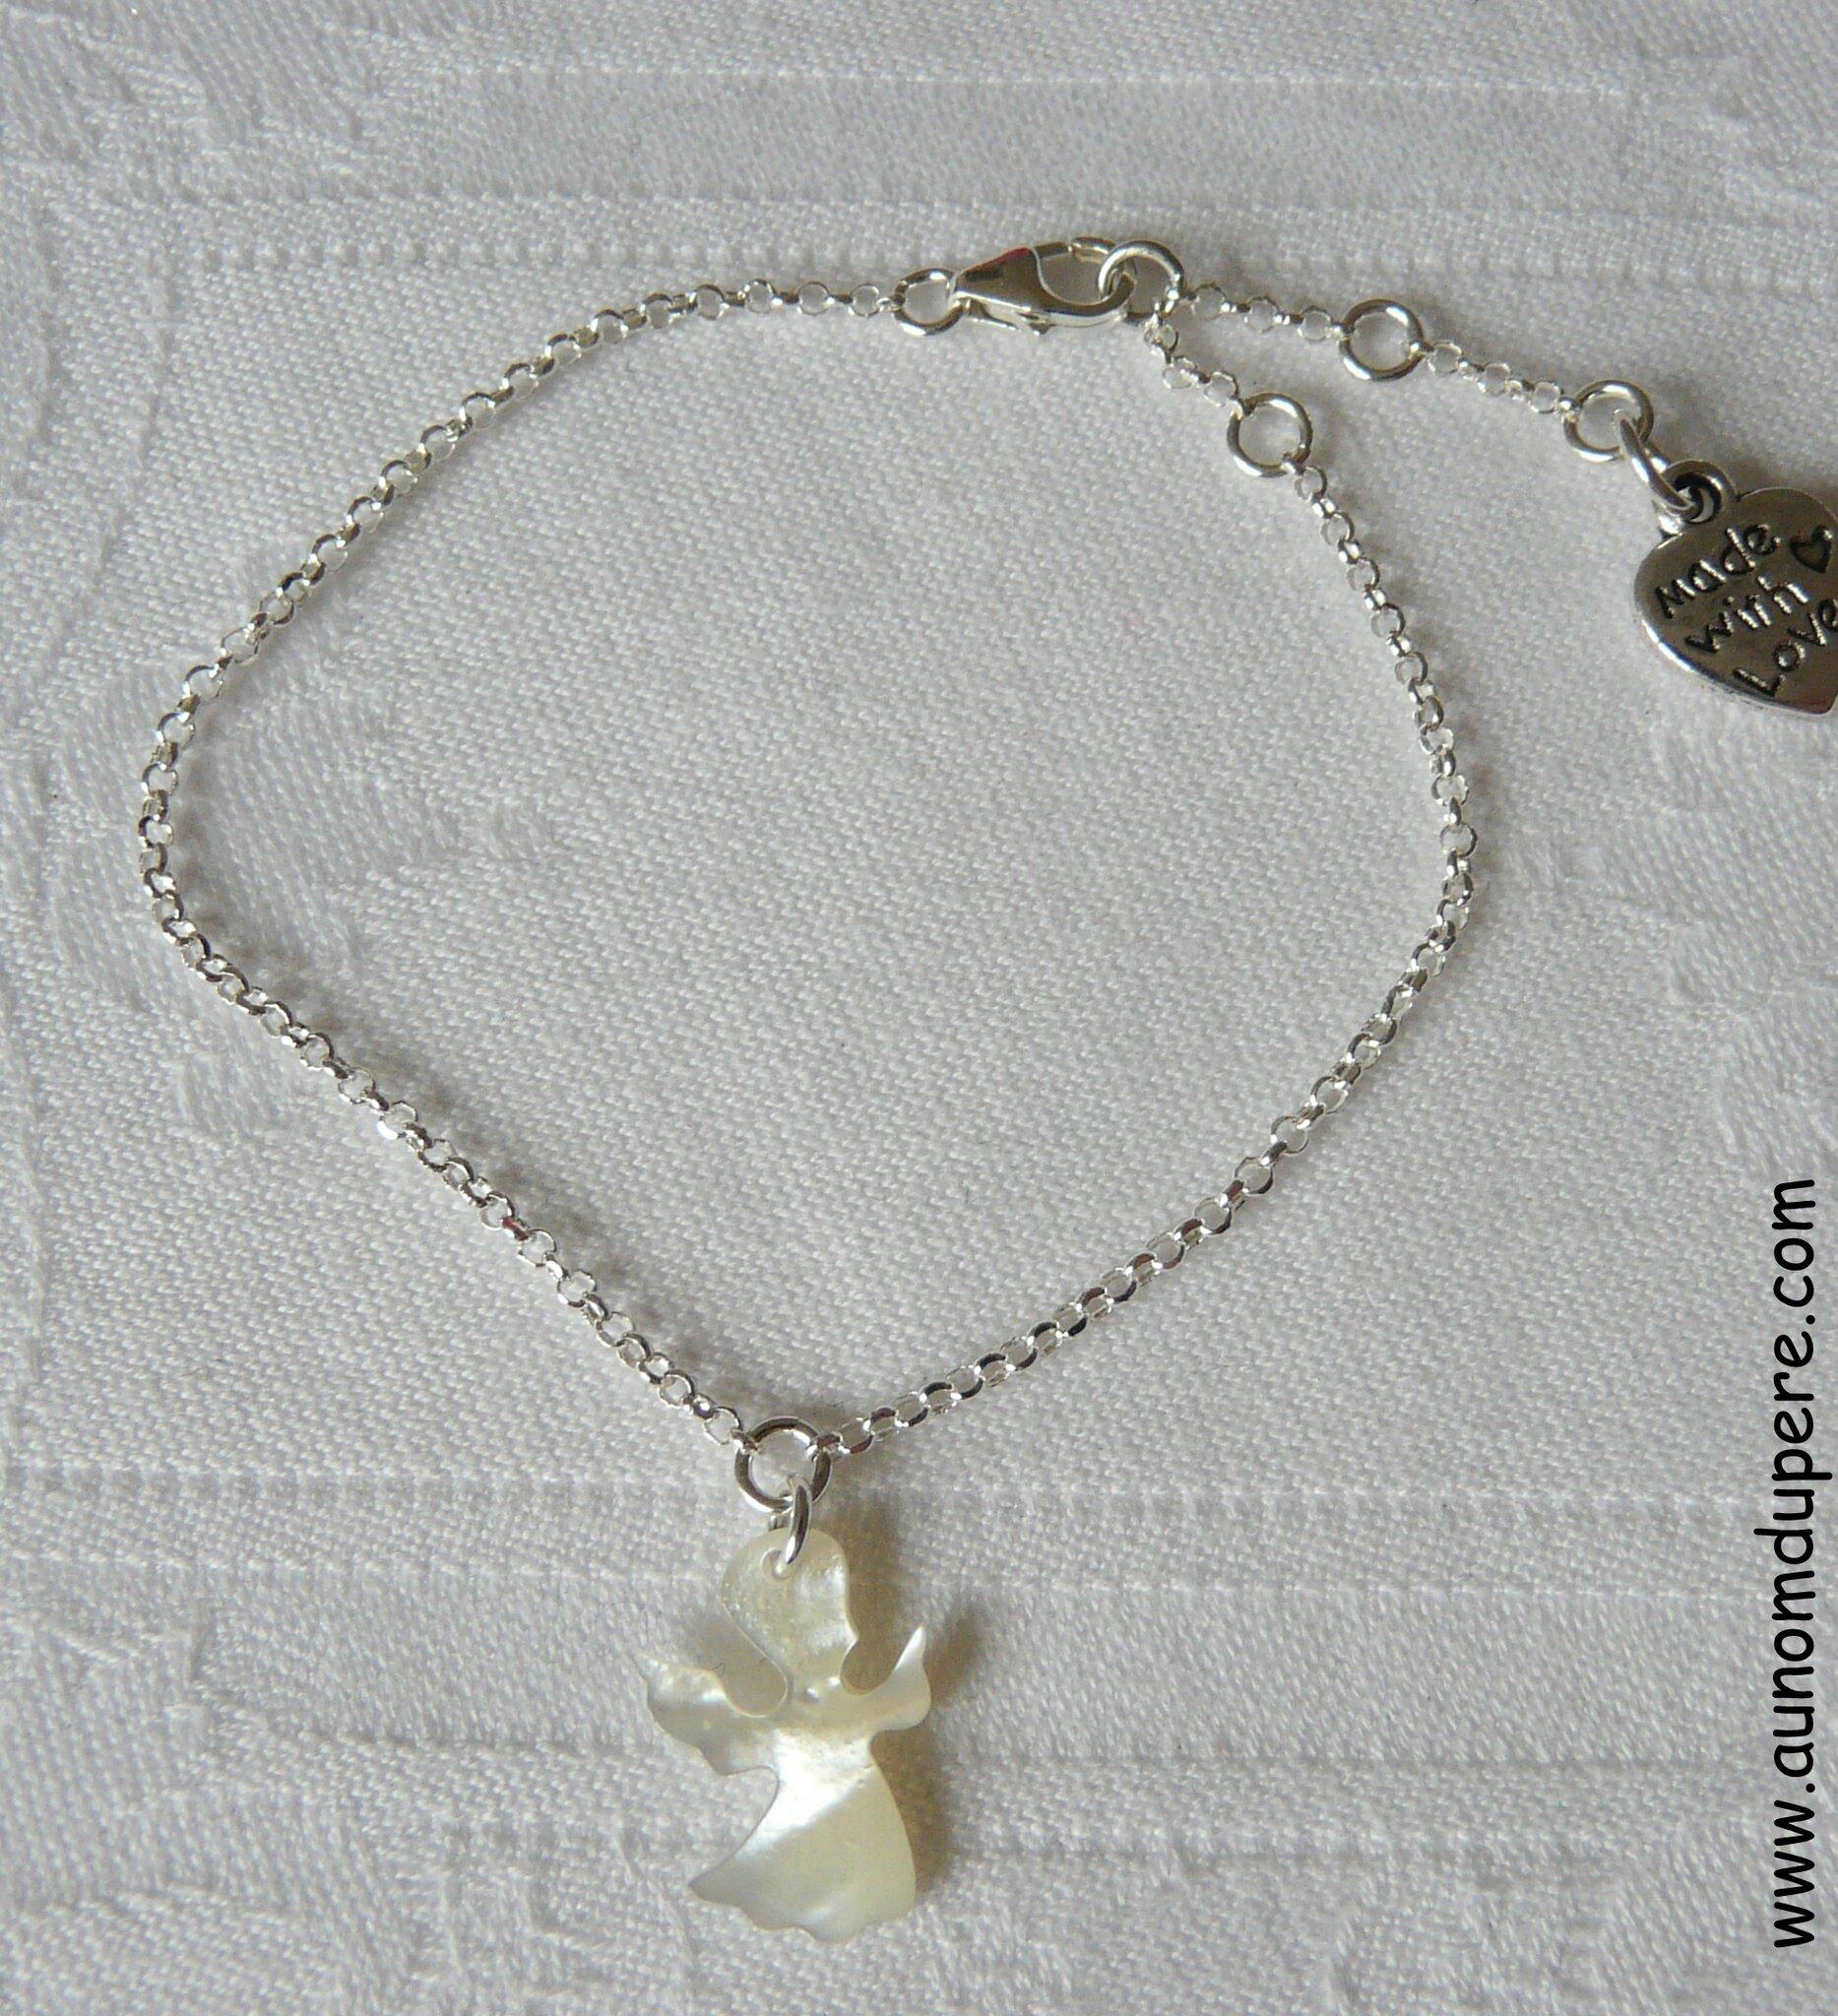 Bracelet pendentif Ange en nacre sur chaîne argent massif fine - 27 €